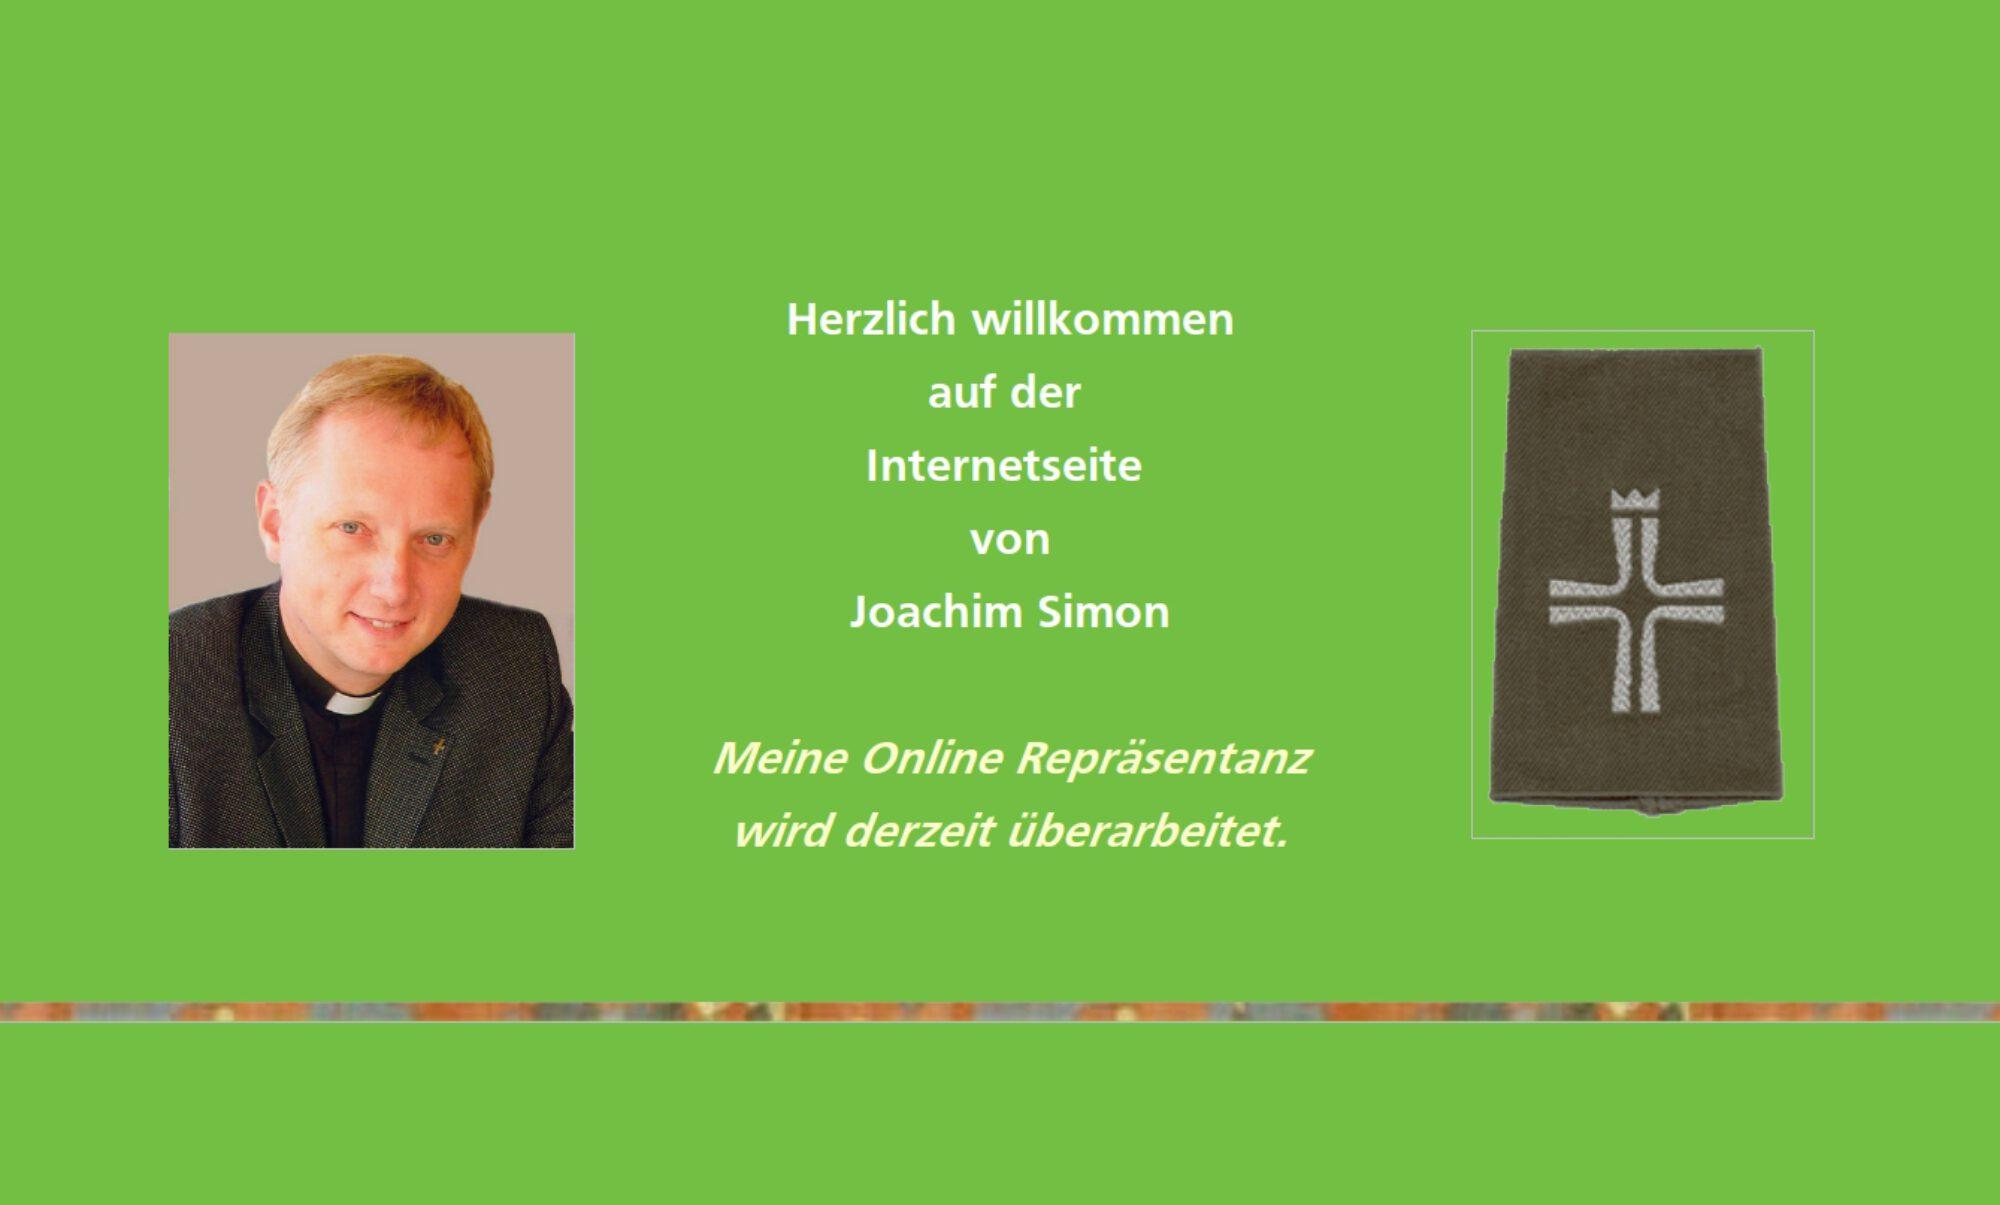 joachimsimon.de